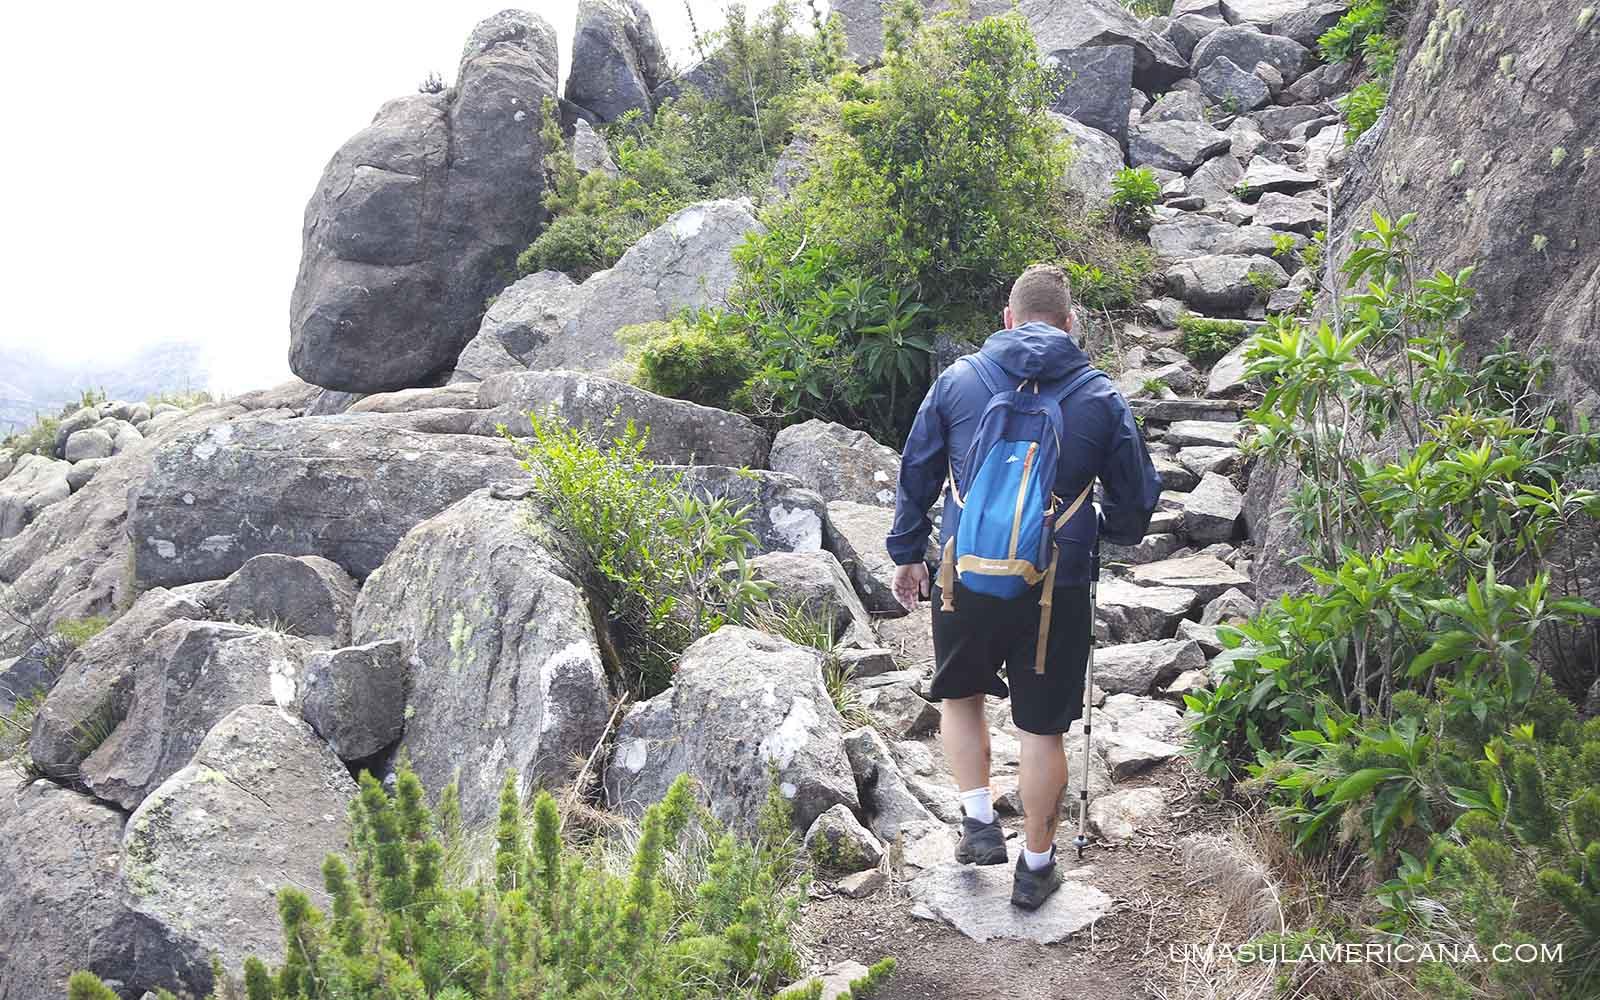 Trilha Morro do Couto - Final de semana no Parque Itatiaia - Trilhas na parte alta